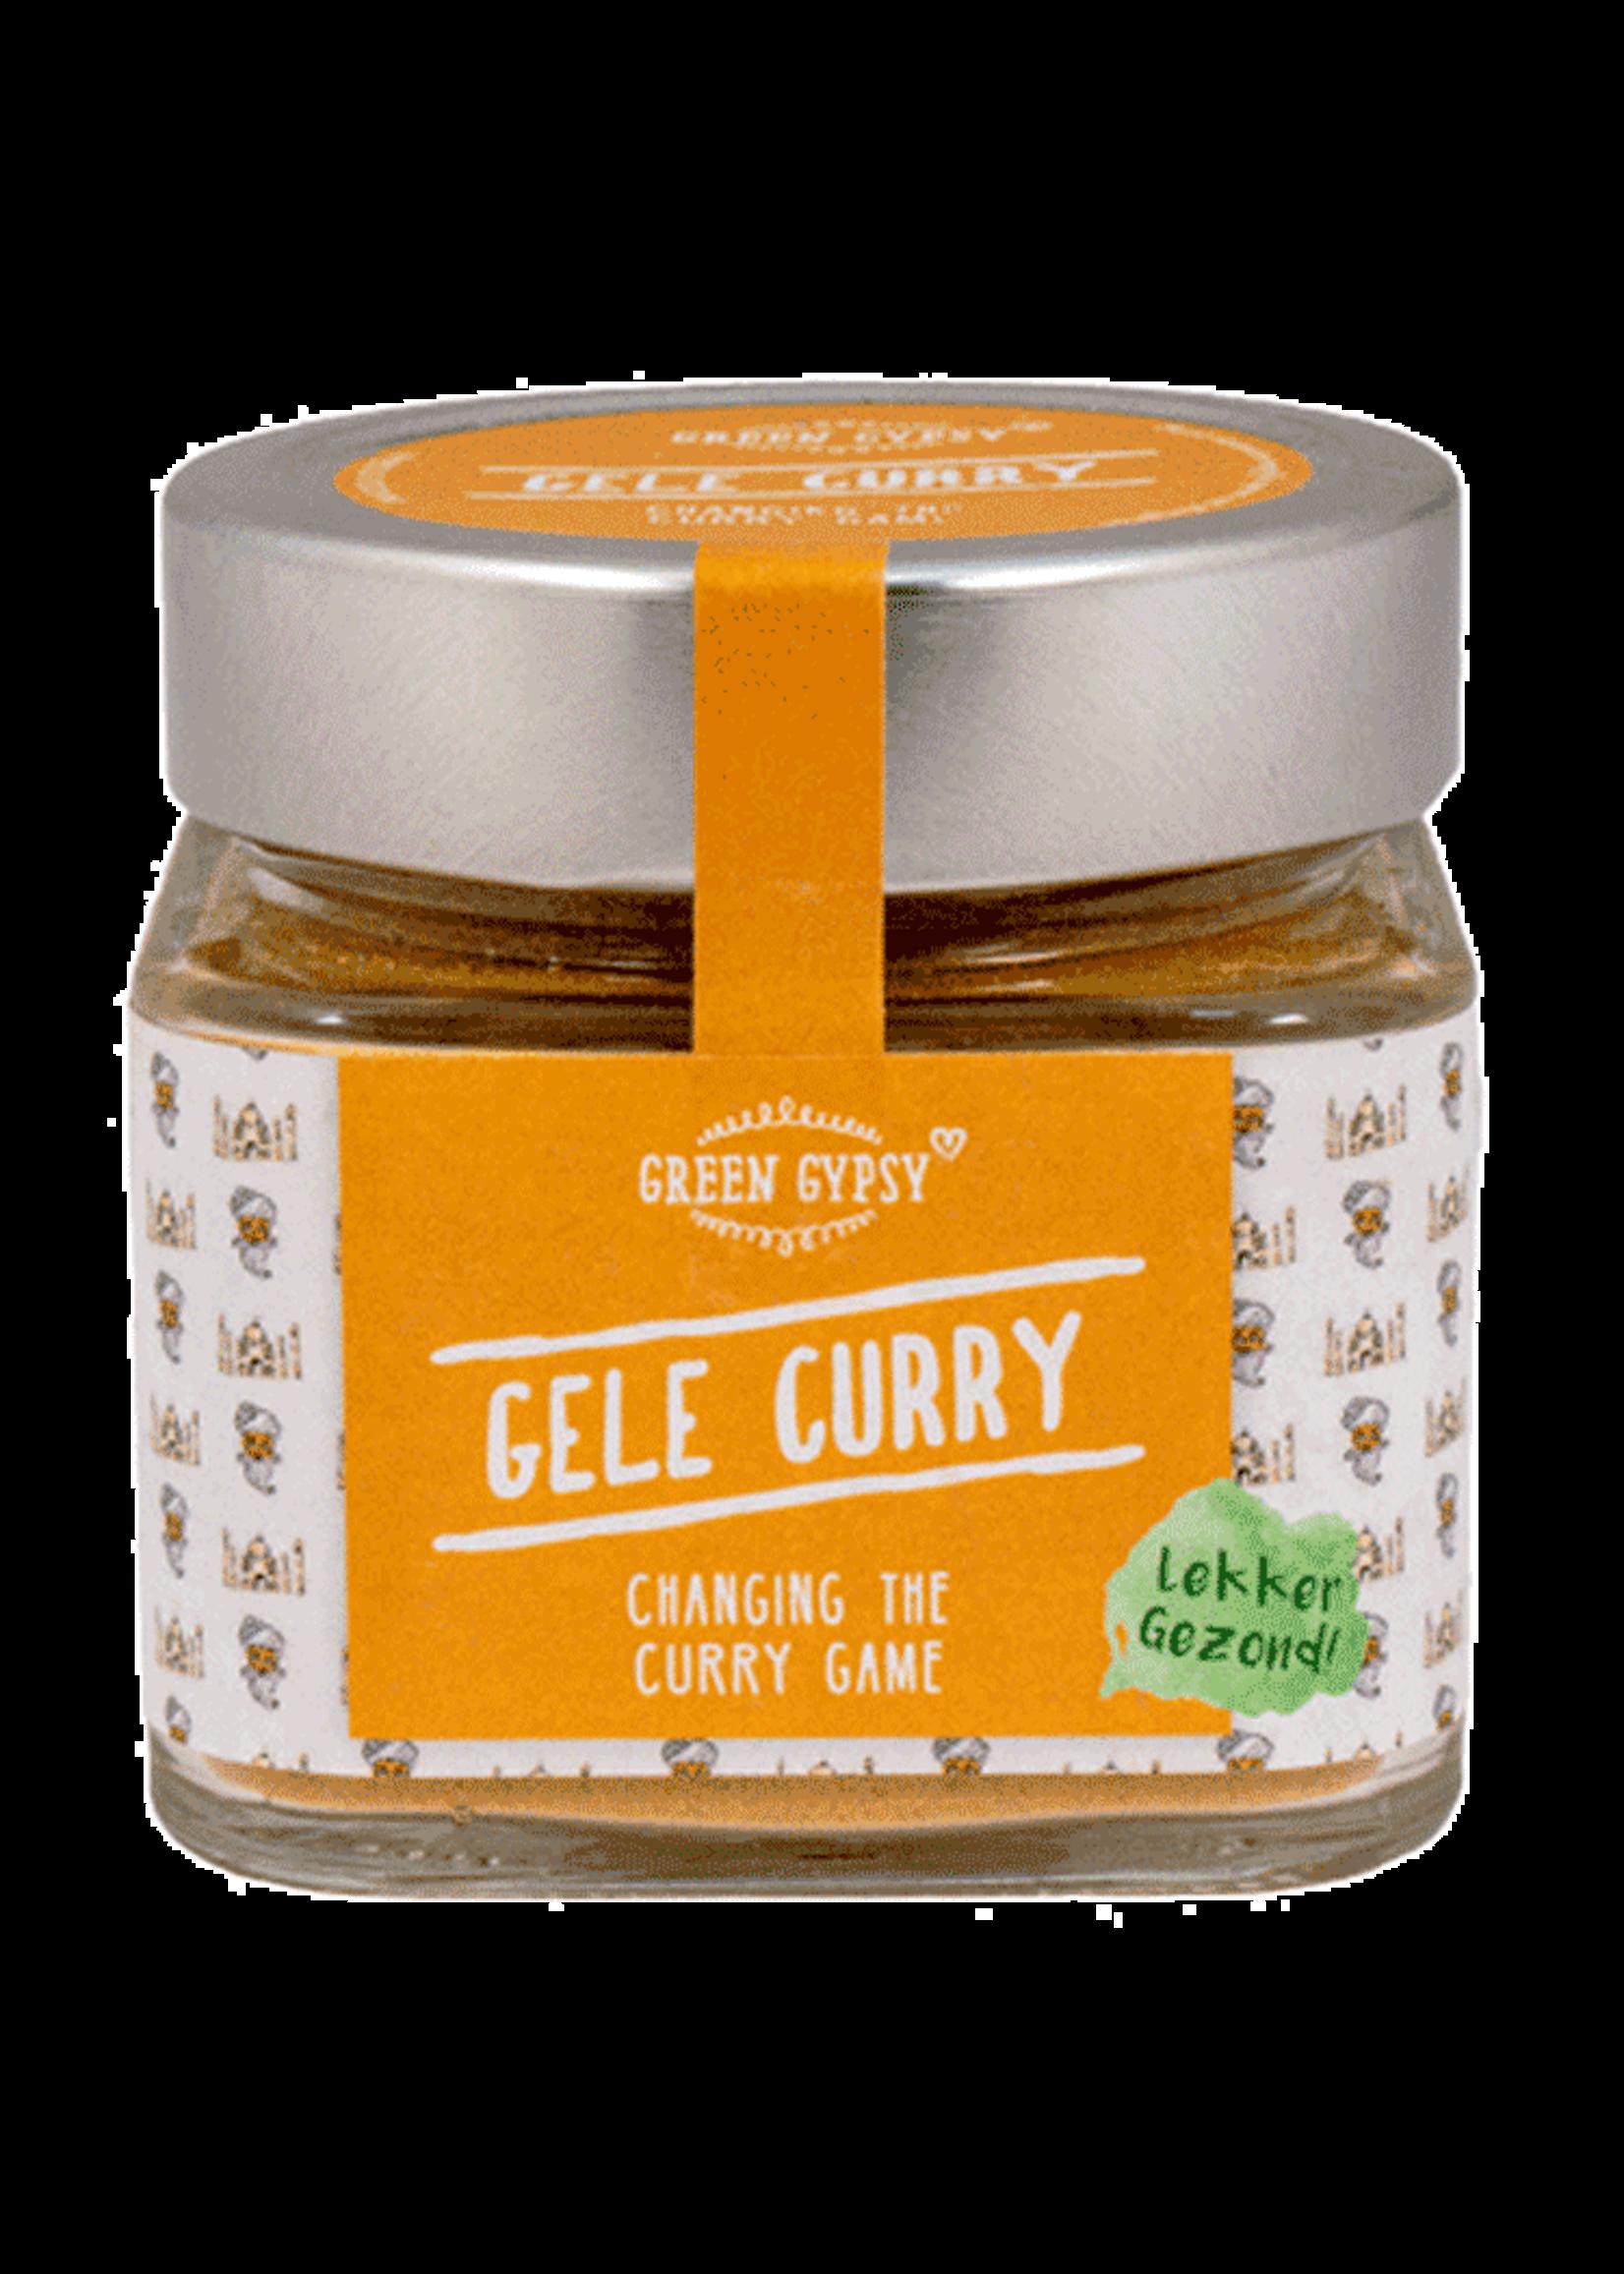 Green Gypsy Spices Kruidenmix Gele Curry Green Gypsy